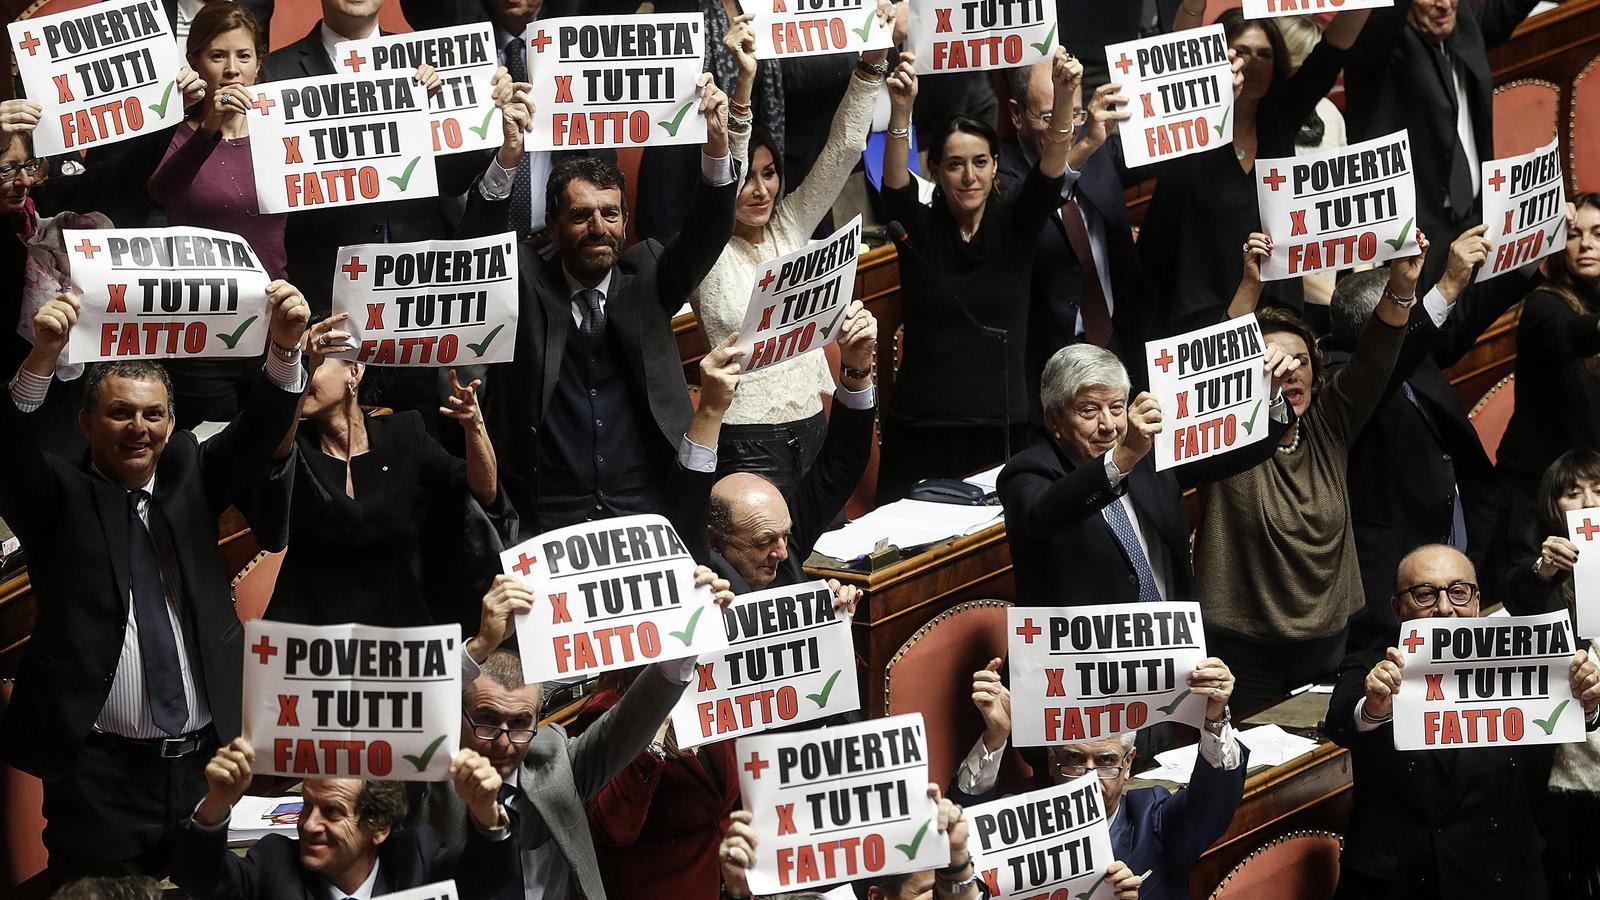 """Els senadors de Força Itàlia mostrant cartells que diuen """"Més pobresa per a tots"""", durant la sessió per aprovar els pressupostos / RICCARDO ANTIMIANI / EFE"""